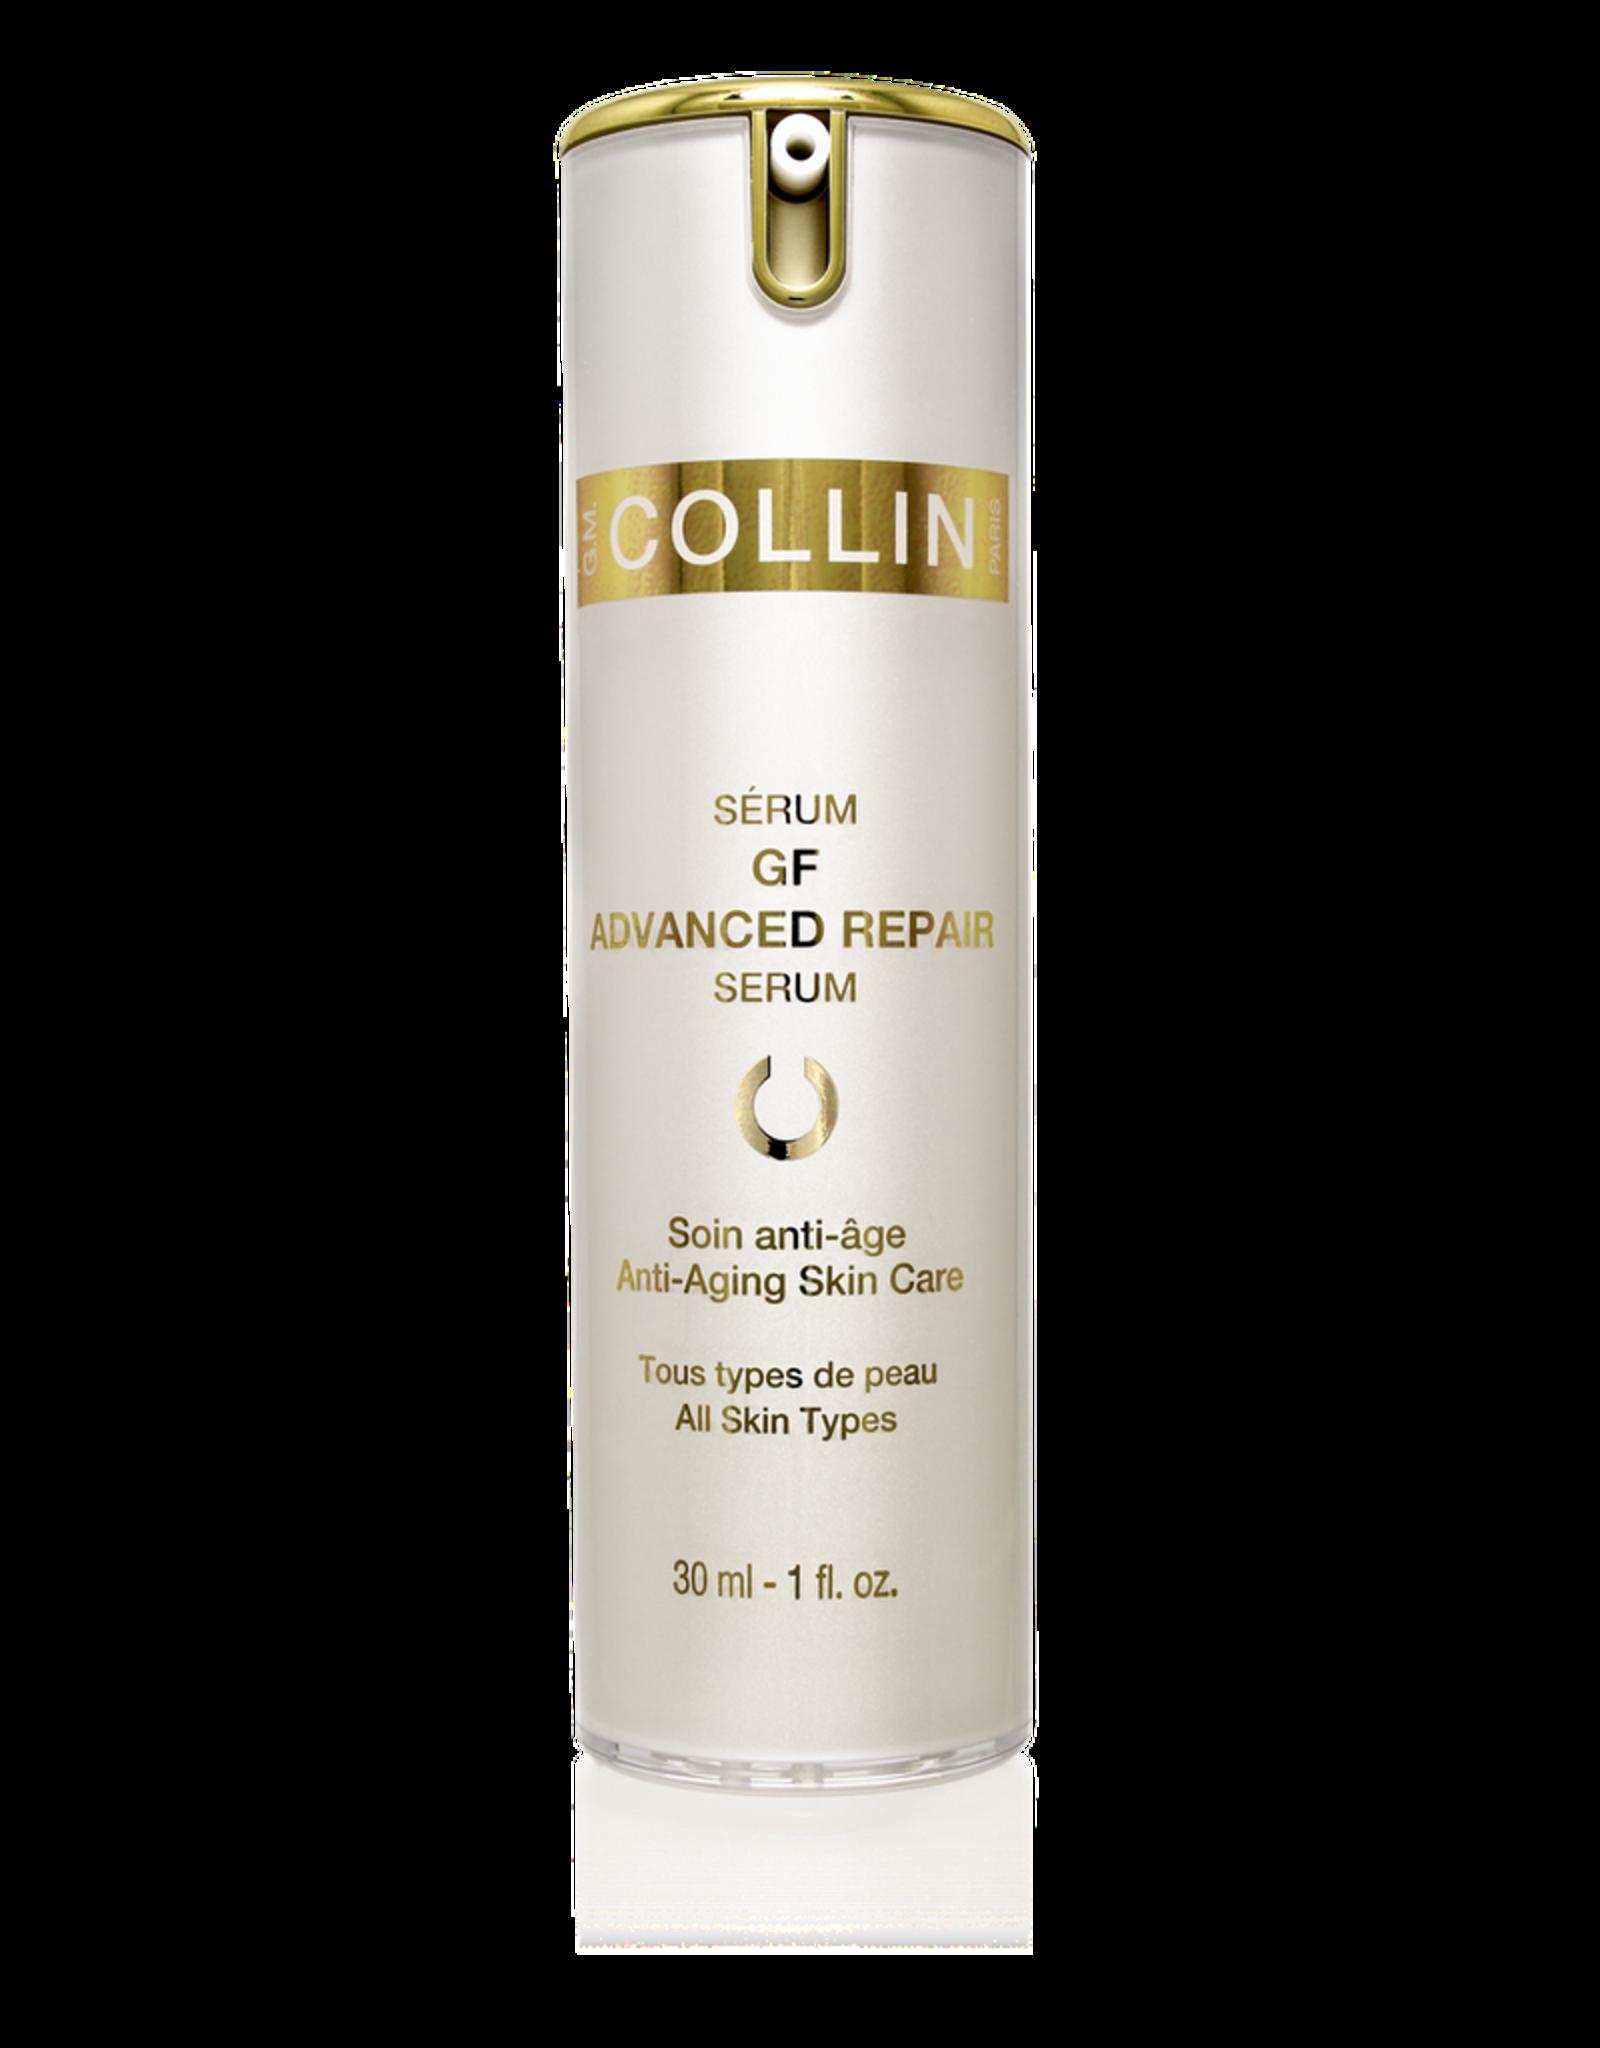 GM Collin G.M. Collin GF Advanced Repair Serum, 30ml